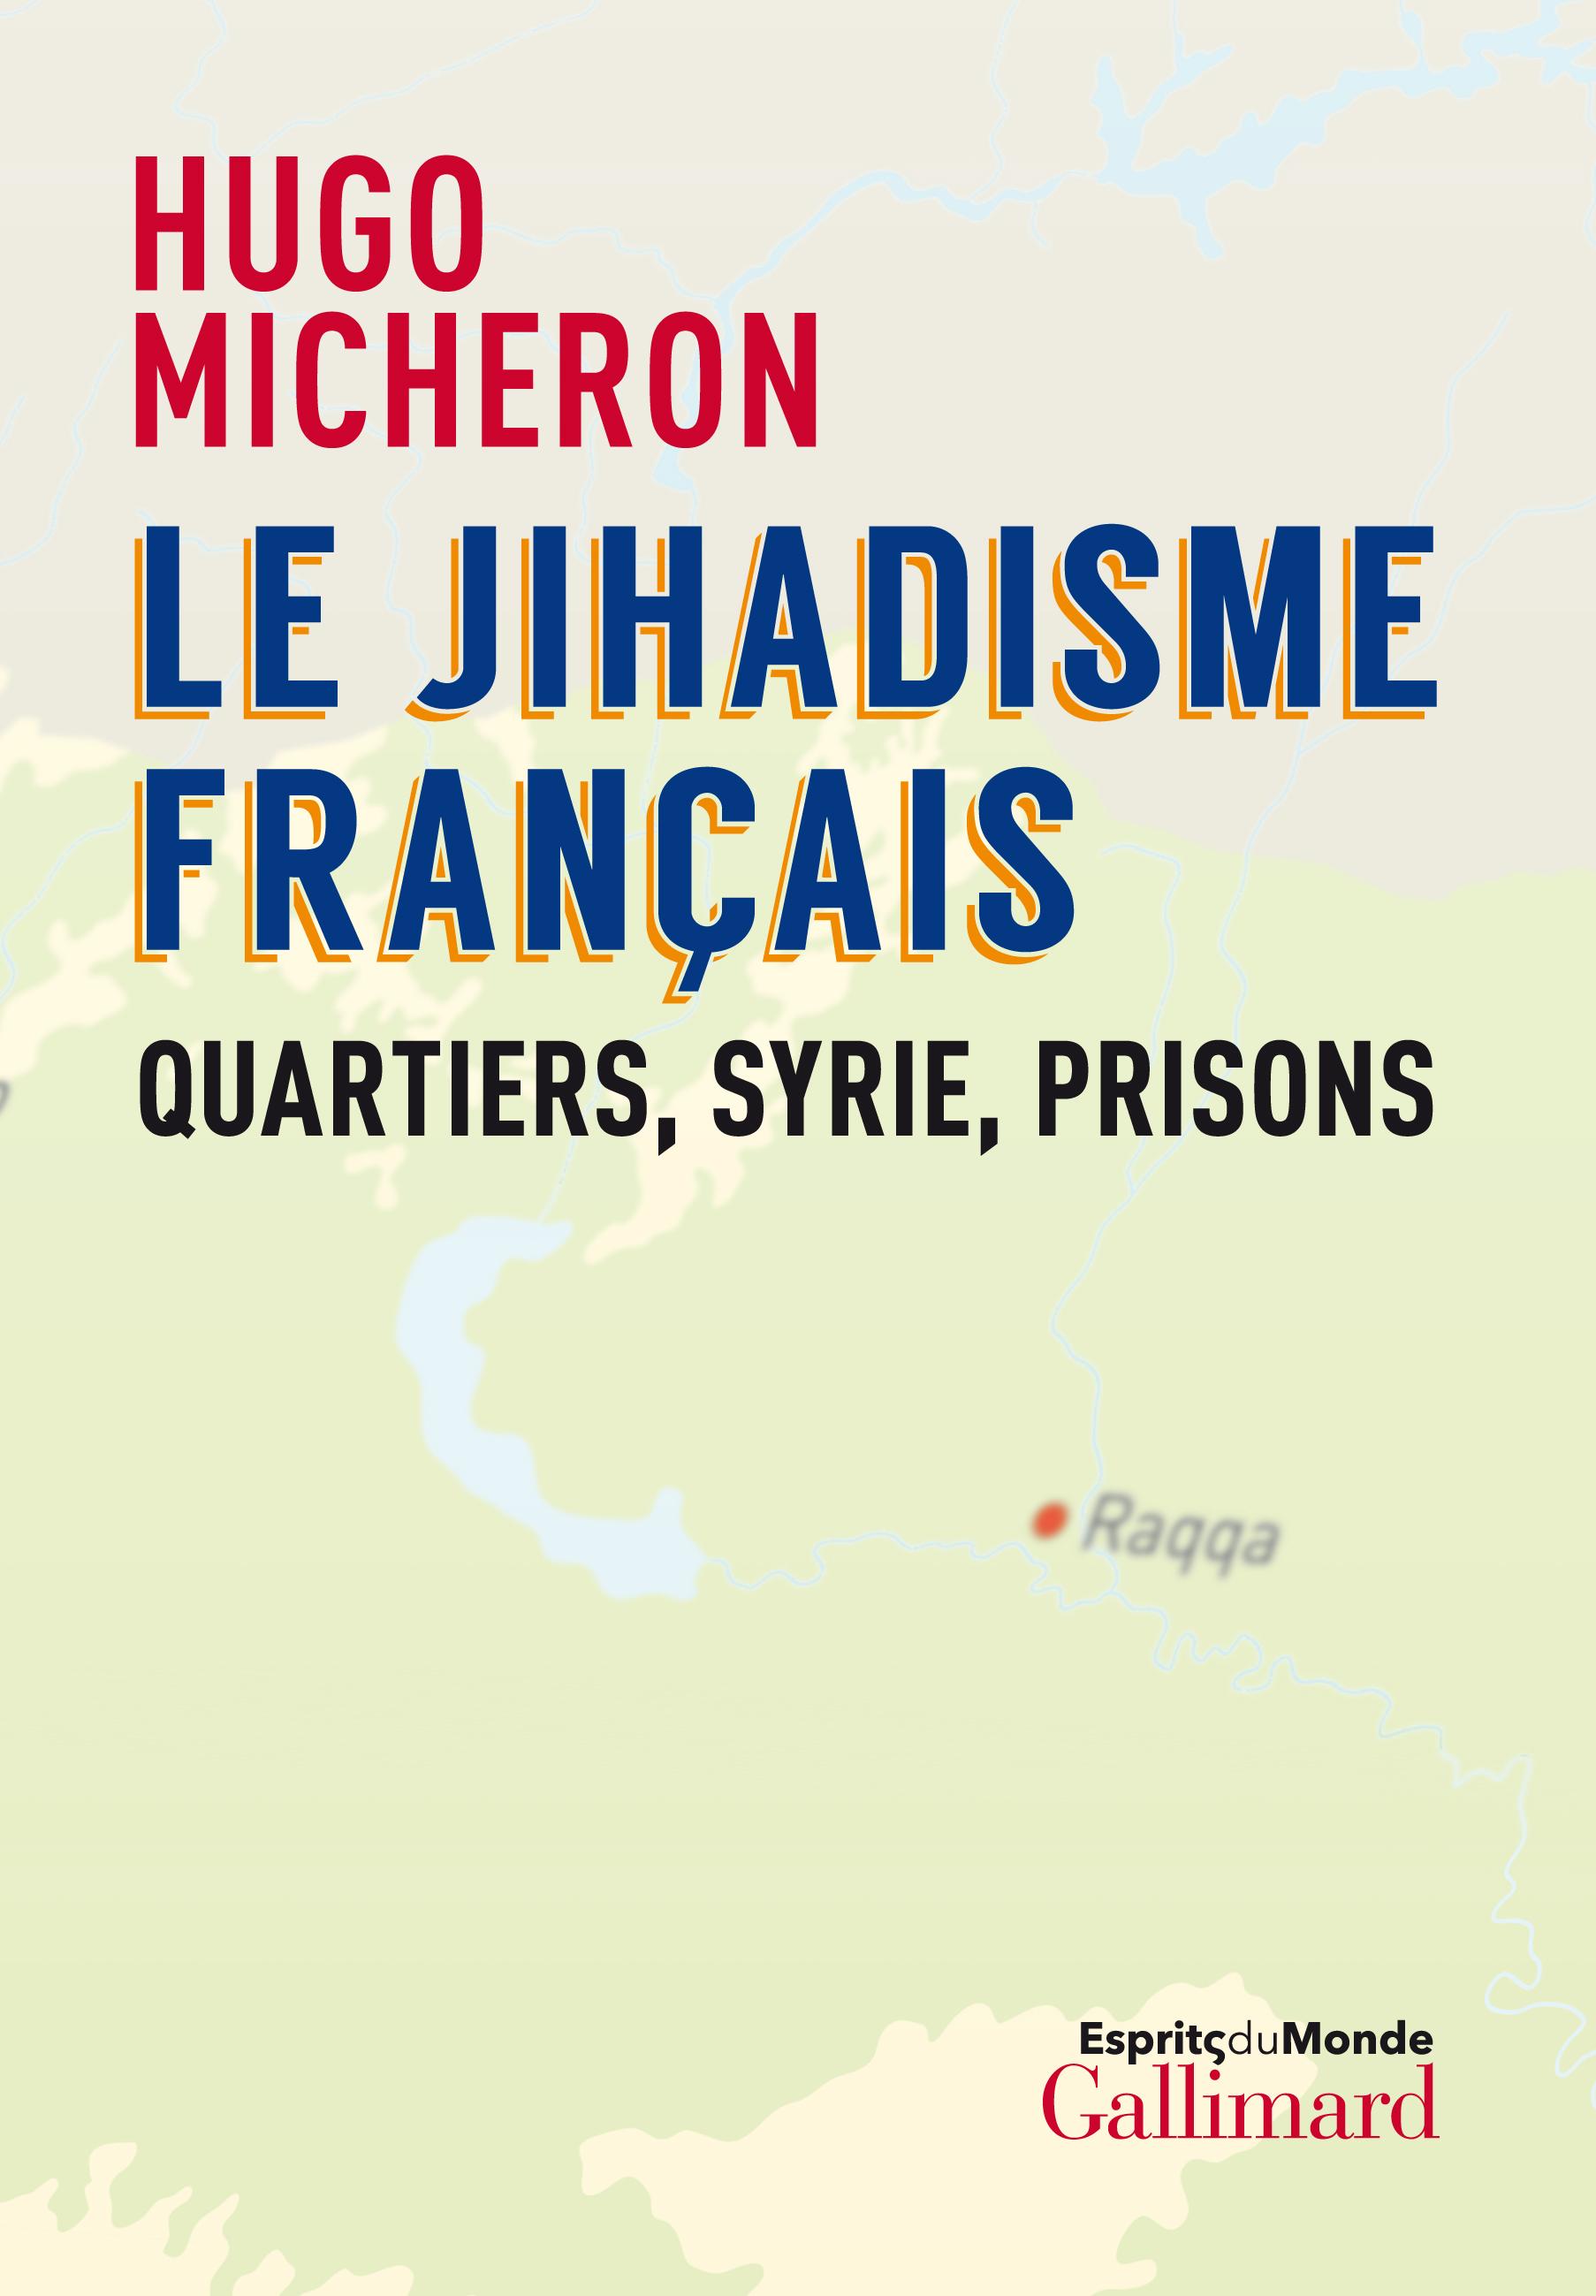 LE JIHADISME FRANCAIS - QUARTIERS, SYRIE, PRISONS